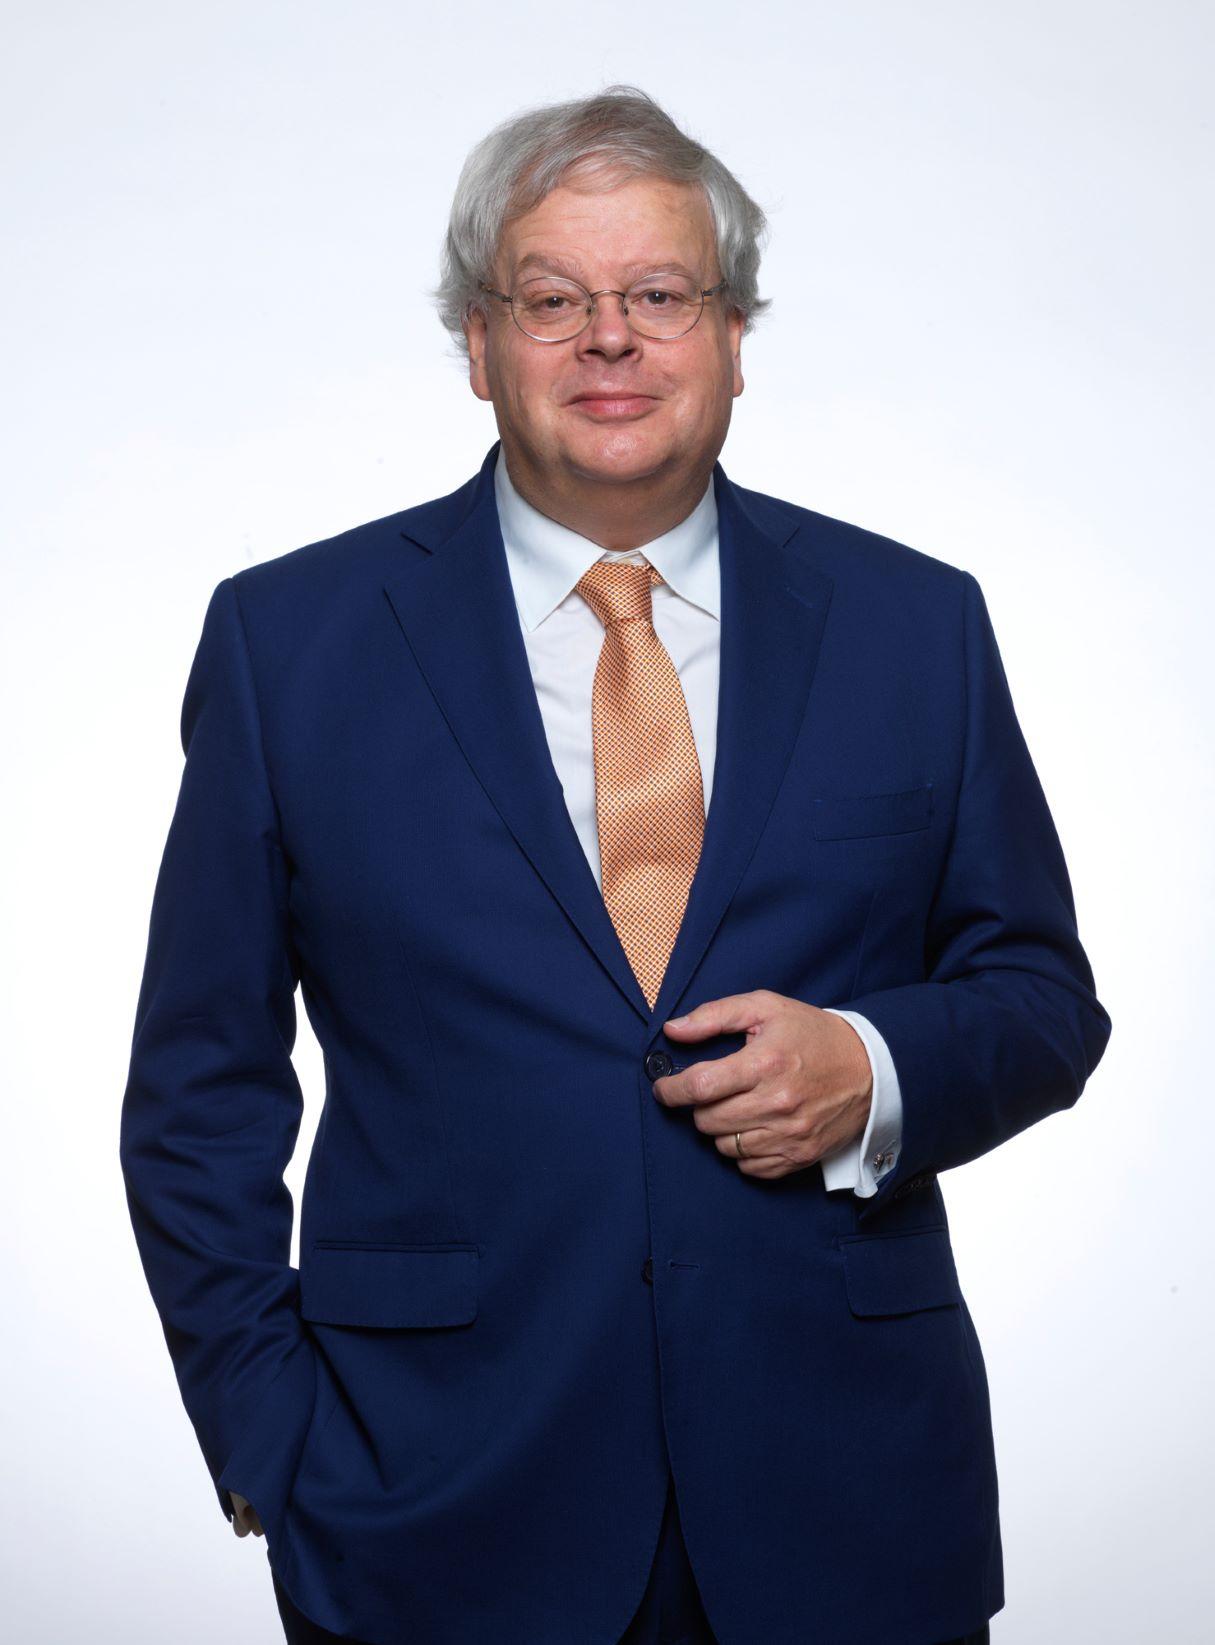 Kandidaat Tweede Kamer 50PLUS: Raymond Brood - Foto: Patricia Steur